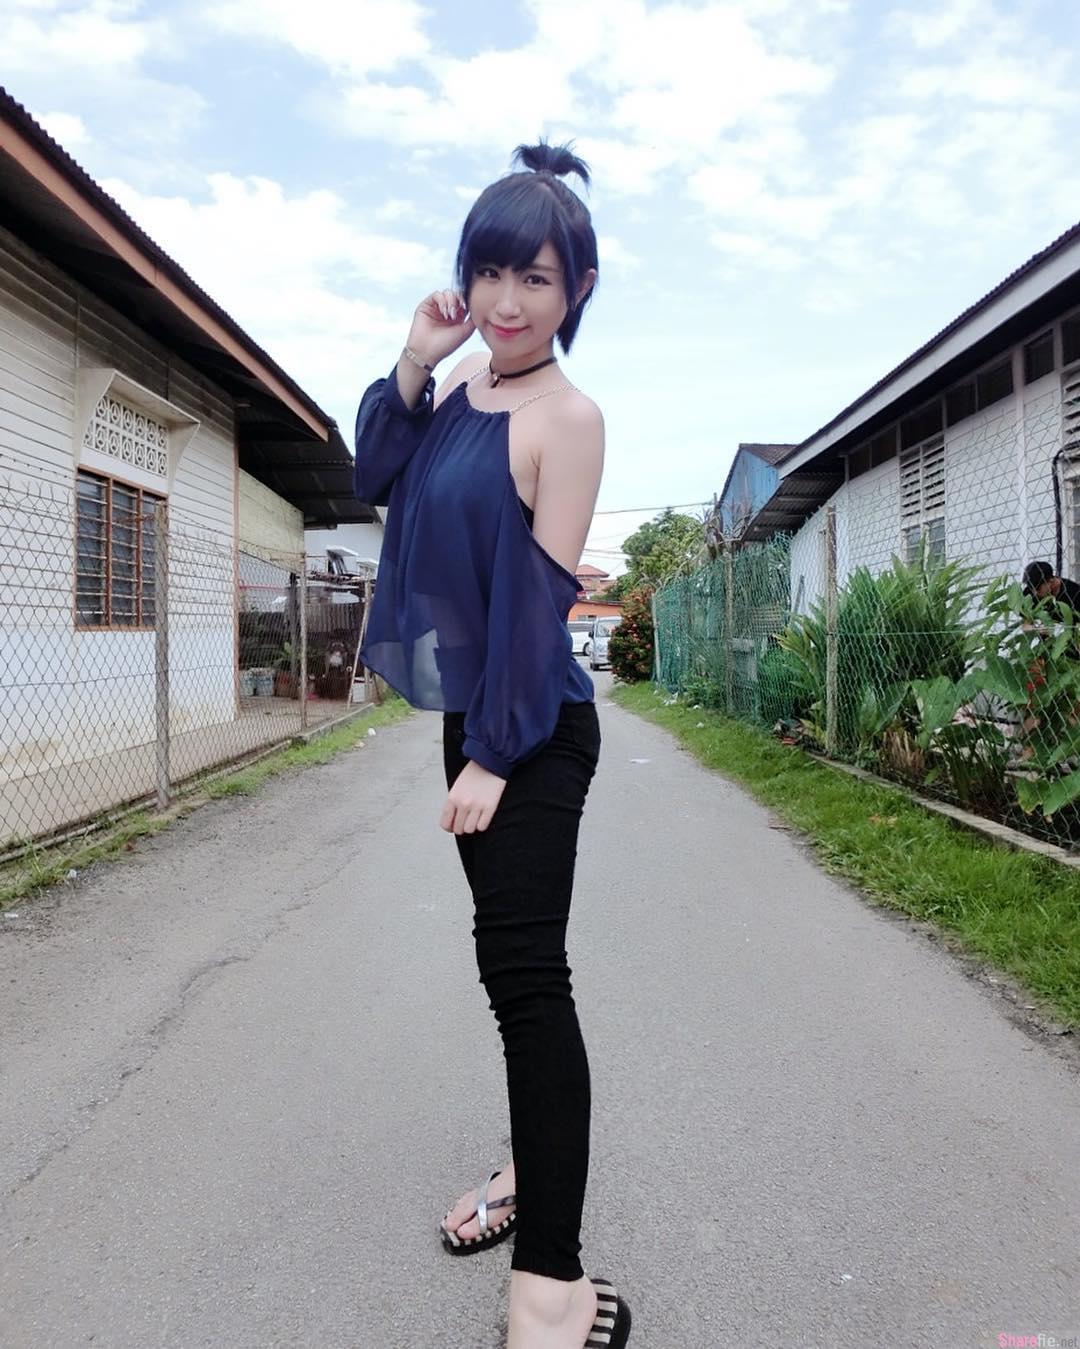 大马正妹李佩怡,白皙长腿气质迷人